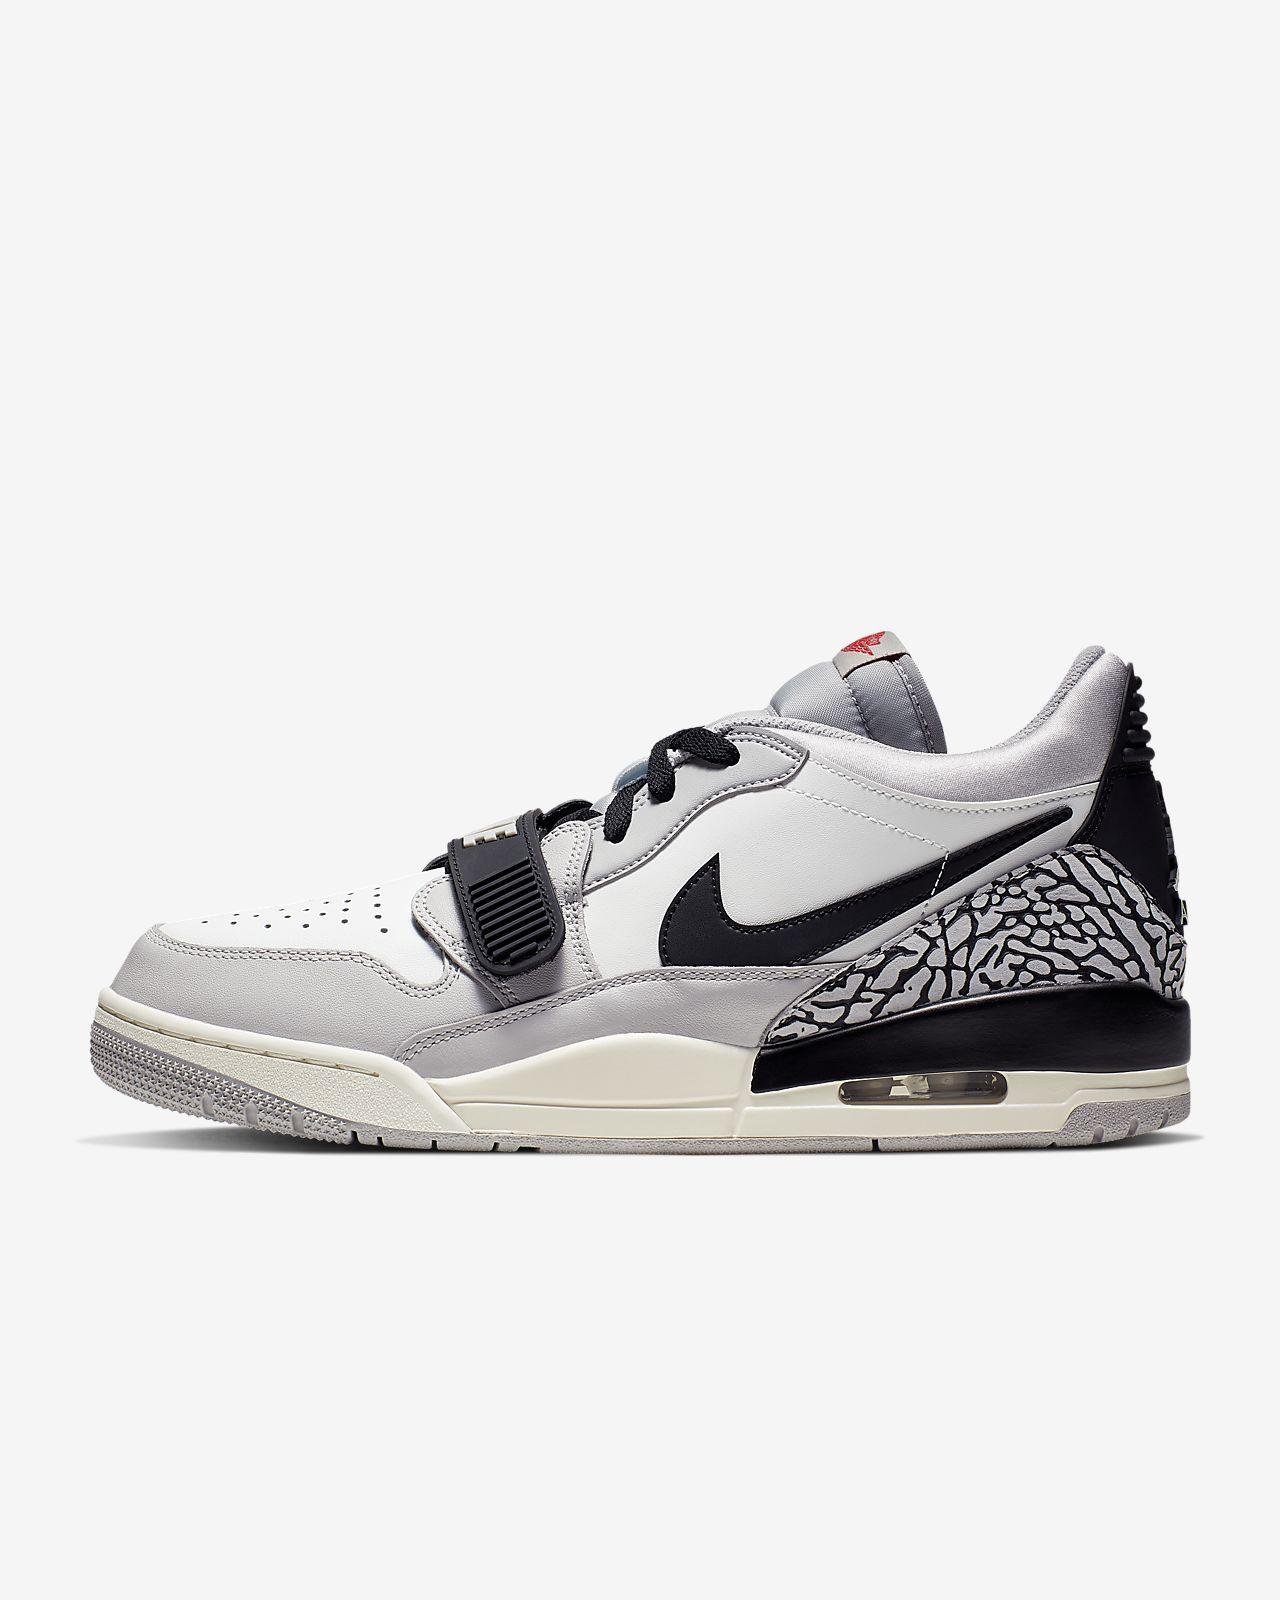 Air Jordan Legacy 312 Low Erkek Ayakkabısı